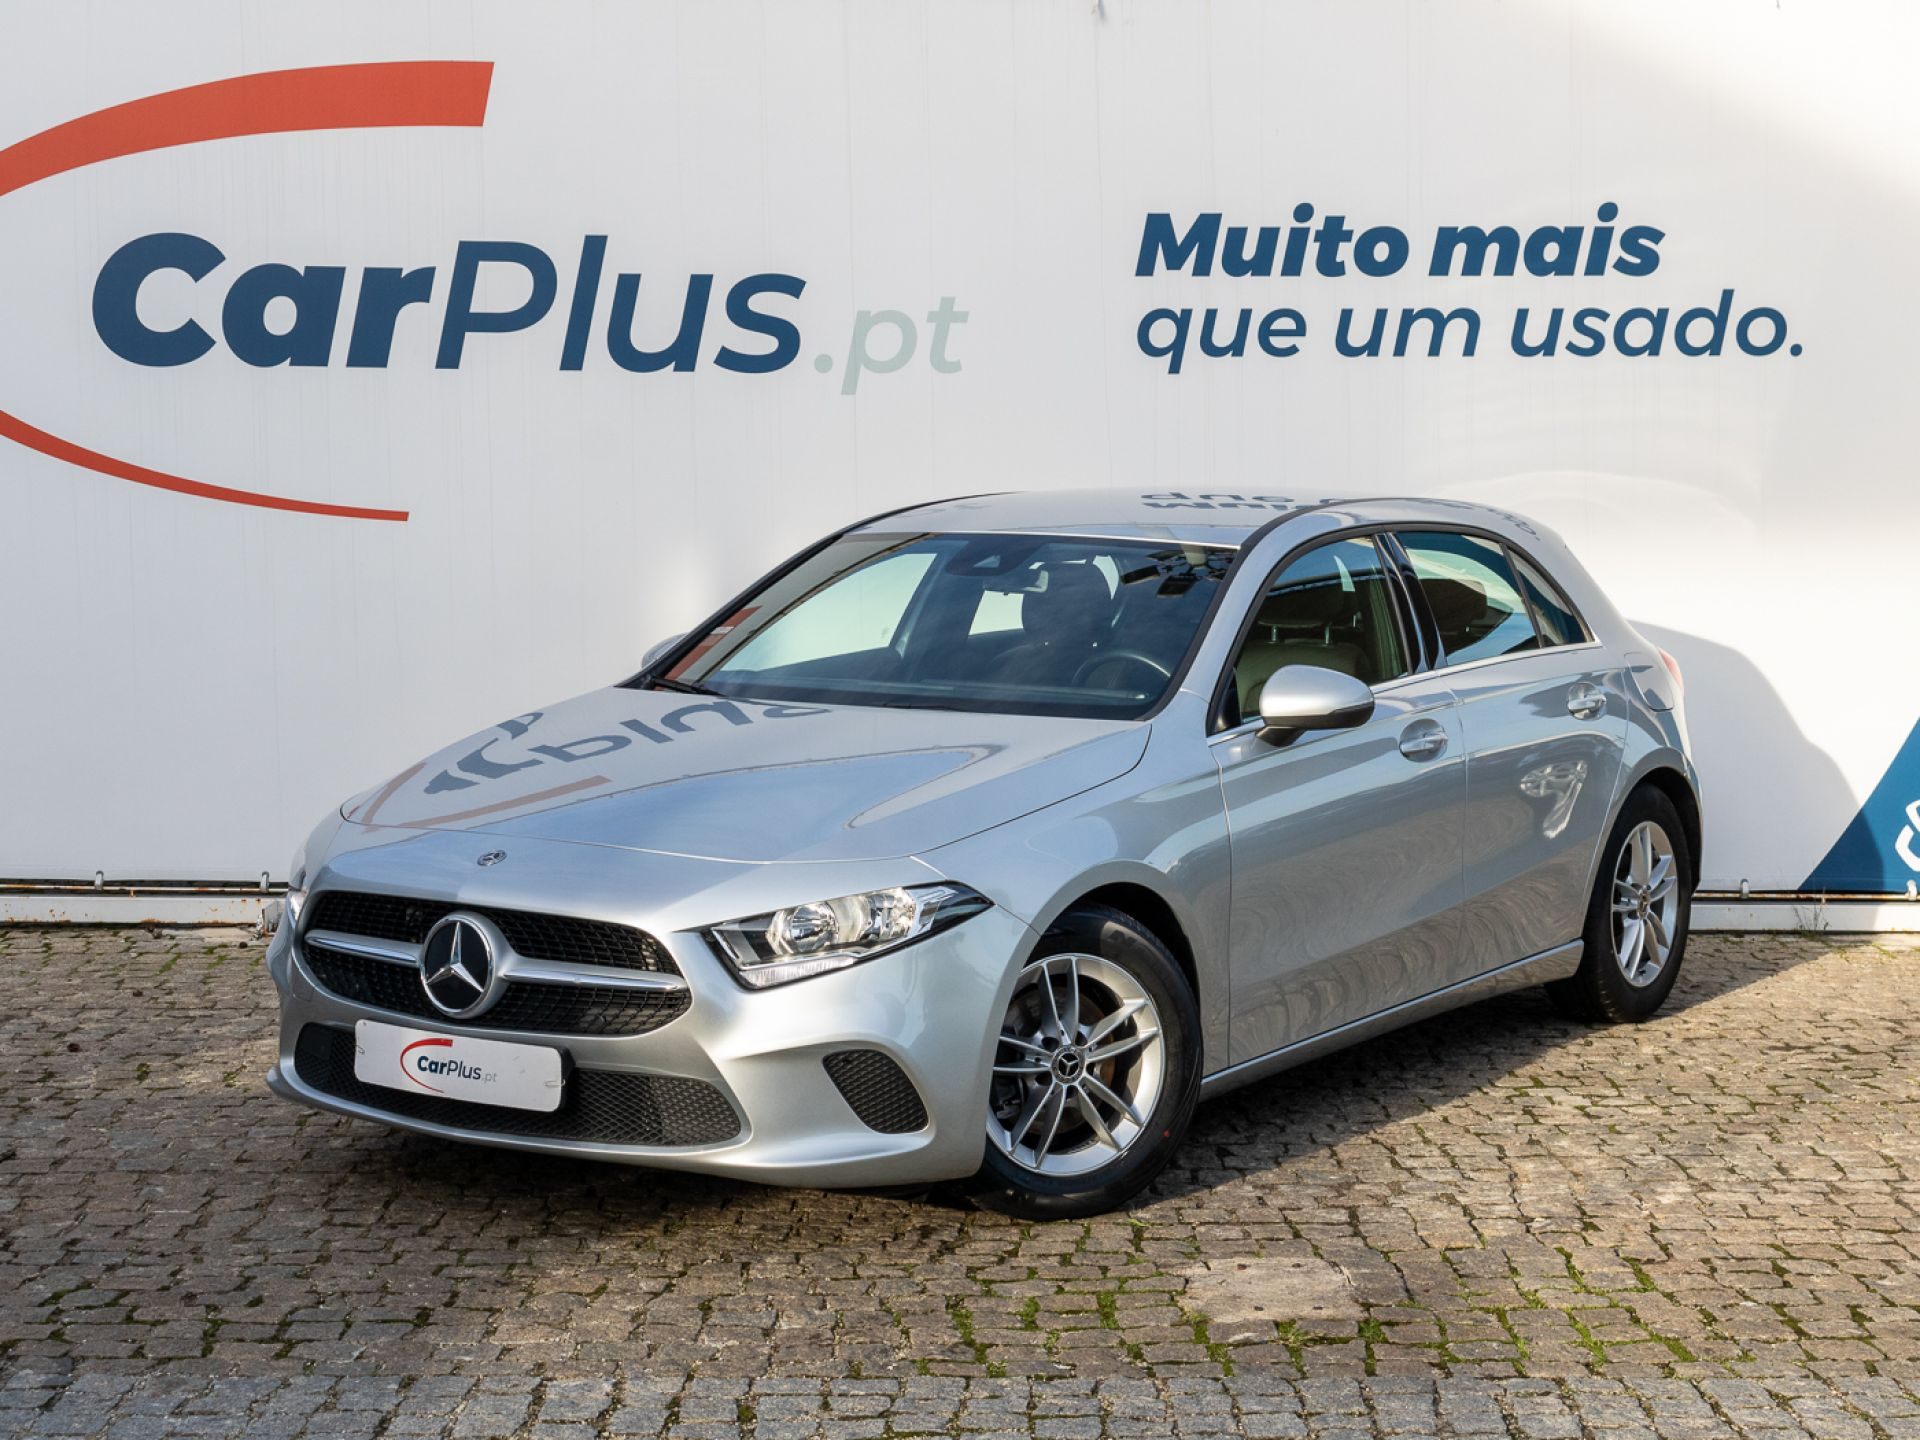 Mercedes Benz Classe A 1.5 180 d Auto segunda mão Lisboa